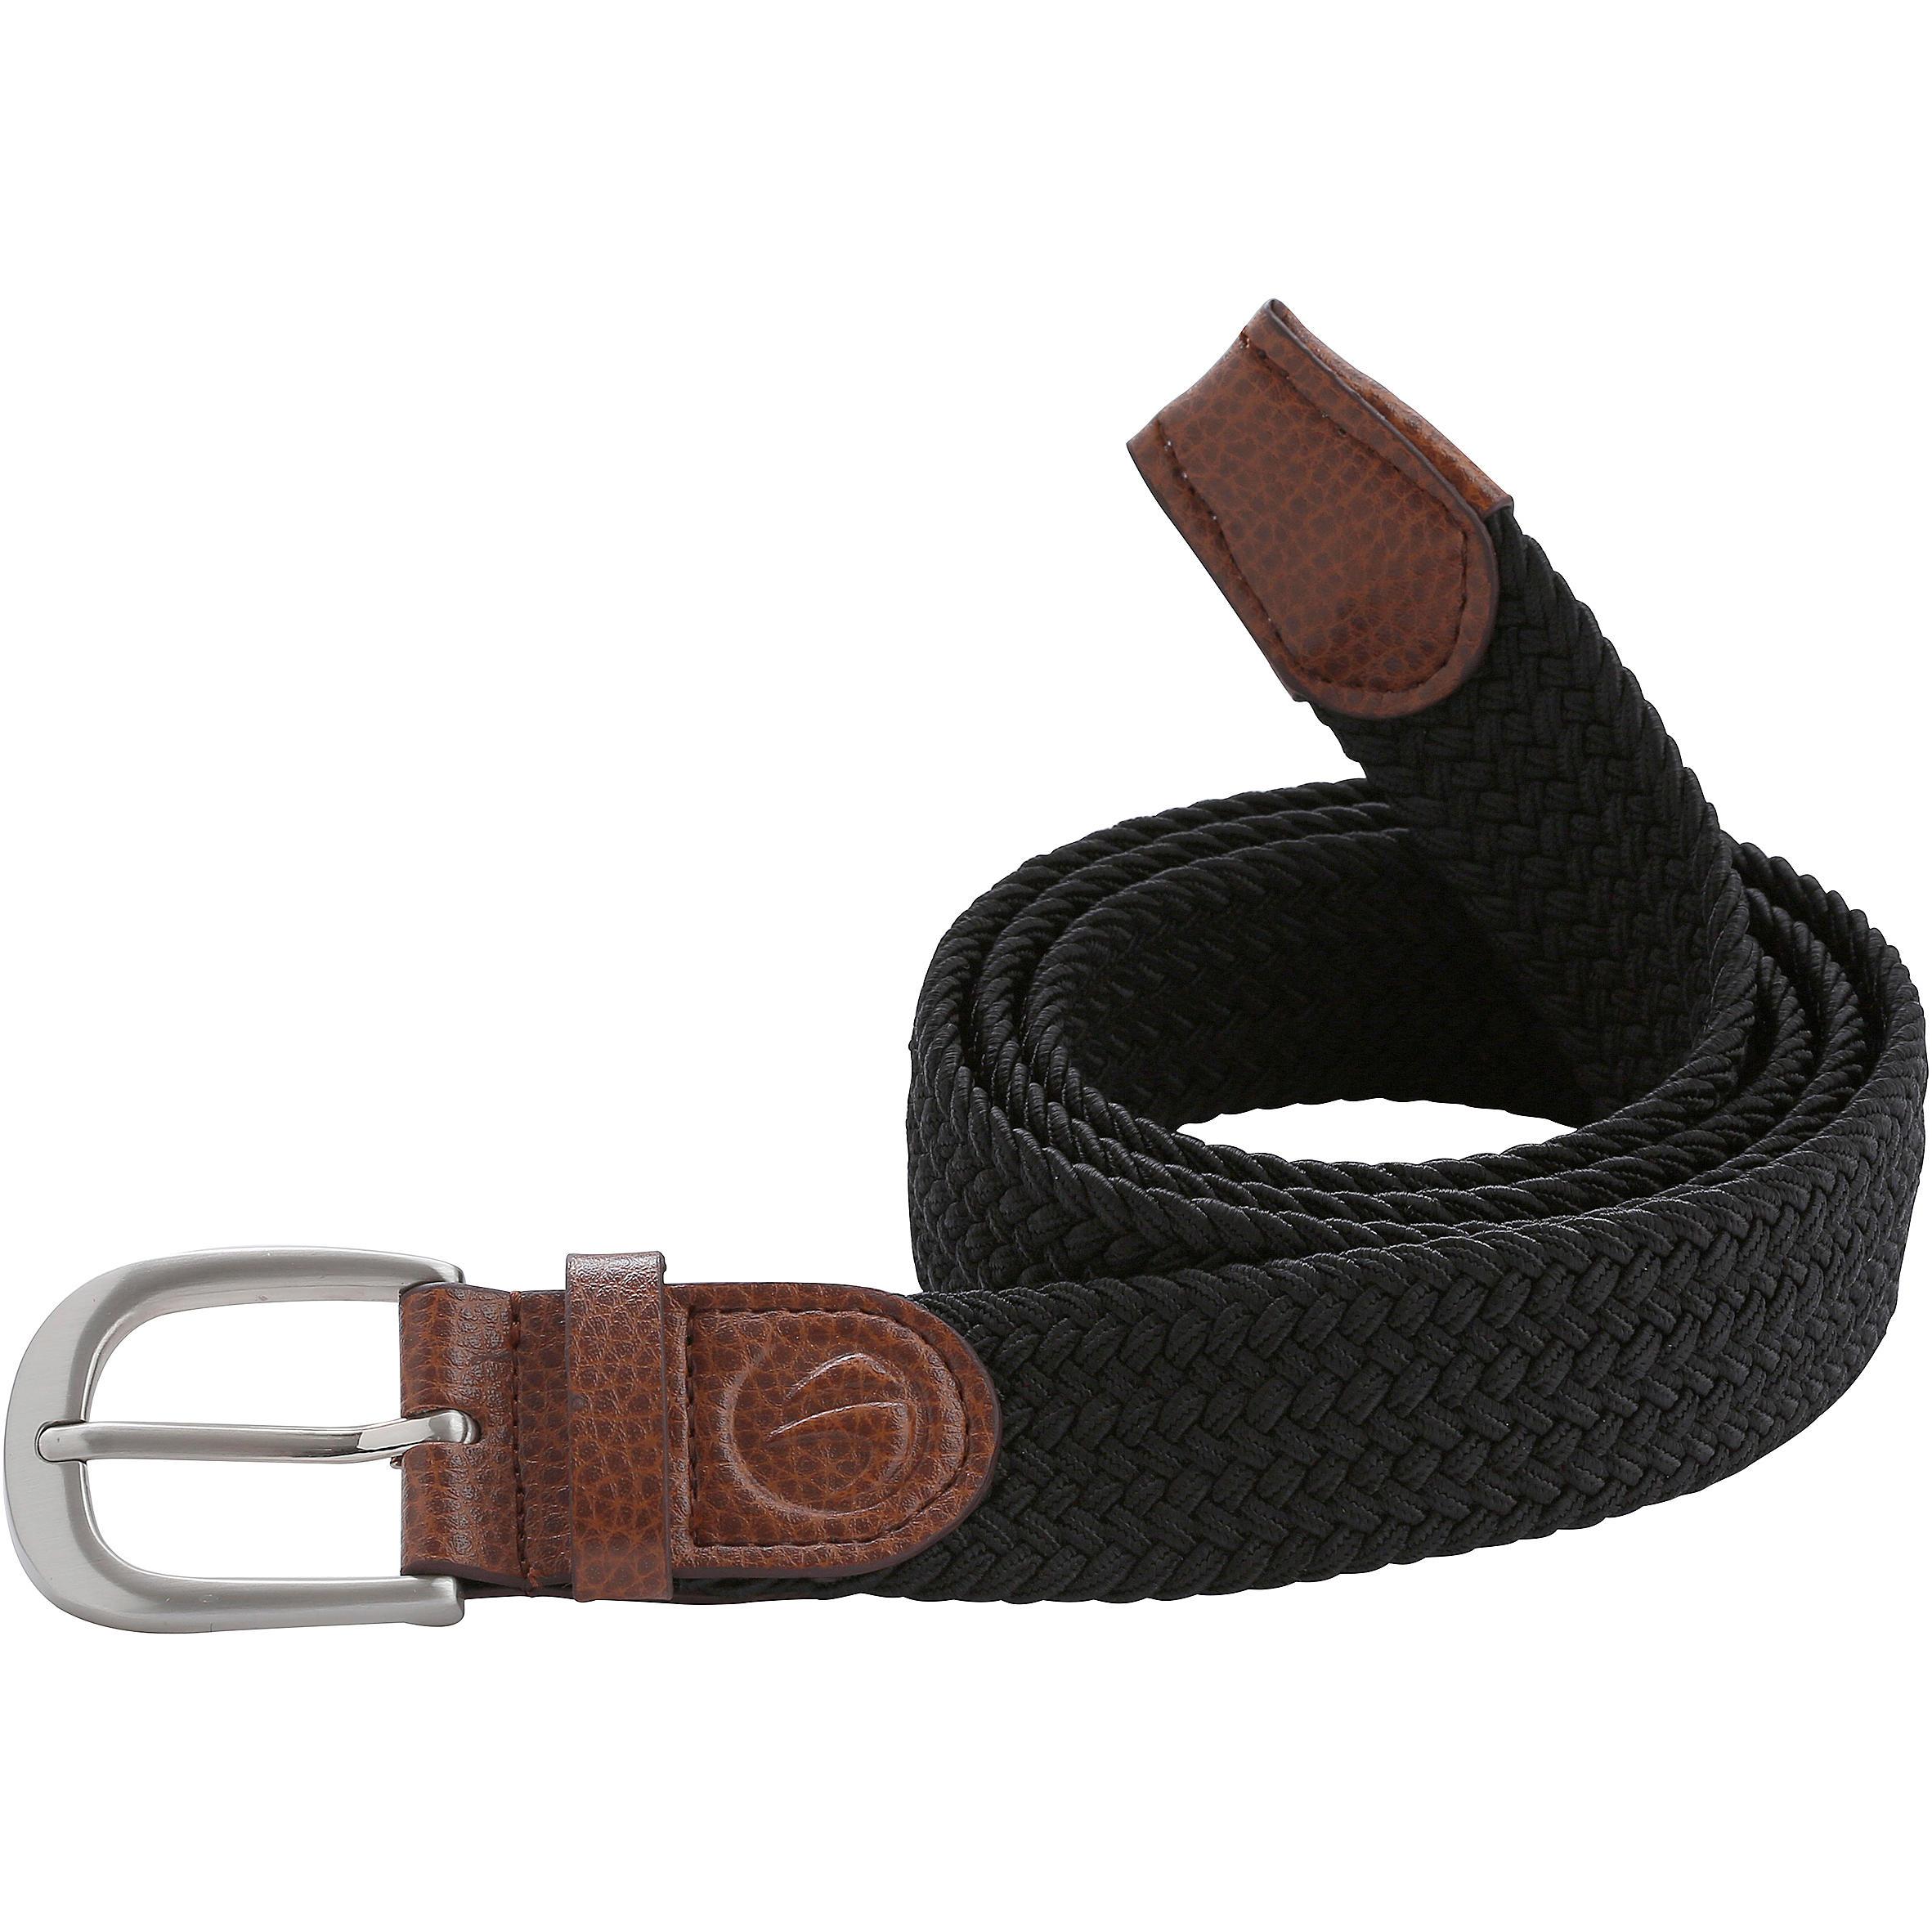 Cinturón de golf extensible 500 adulto negro (108 a 135 cm)